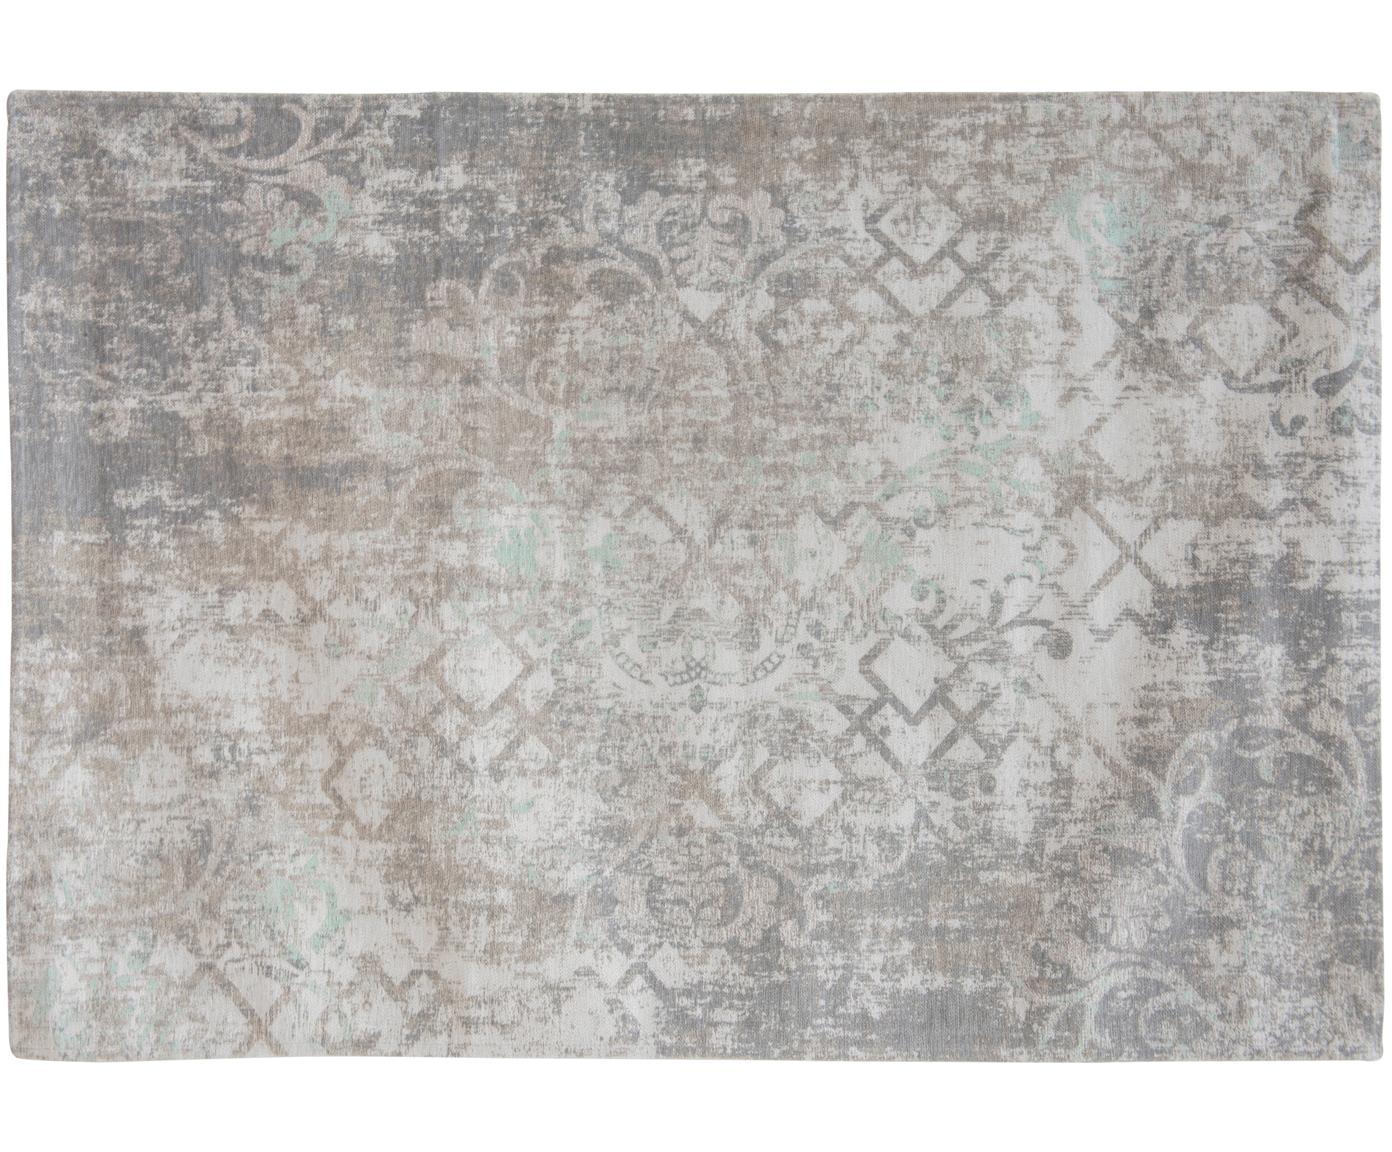 Vintage Chenilleteppich Babylon in Grau-Beige, Vorderseite: 100% Chenillegarn (Baumwo, Webart: Jacquard, Rückseite: Chenillegarn, latexbeschi, Grau, Beige, B 140 x L 200 cm (Größe S)